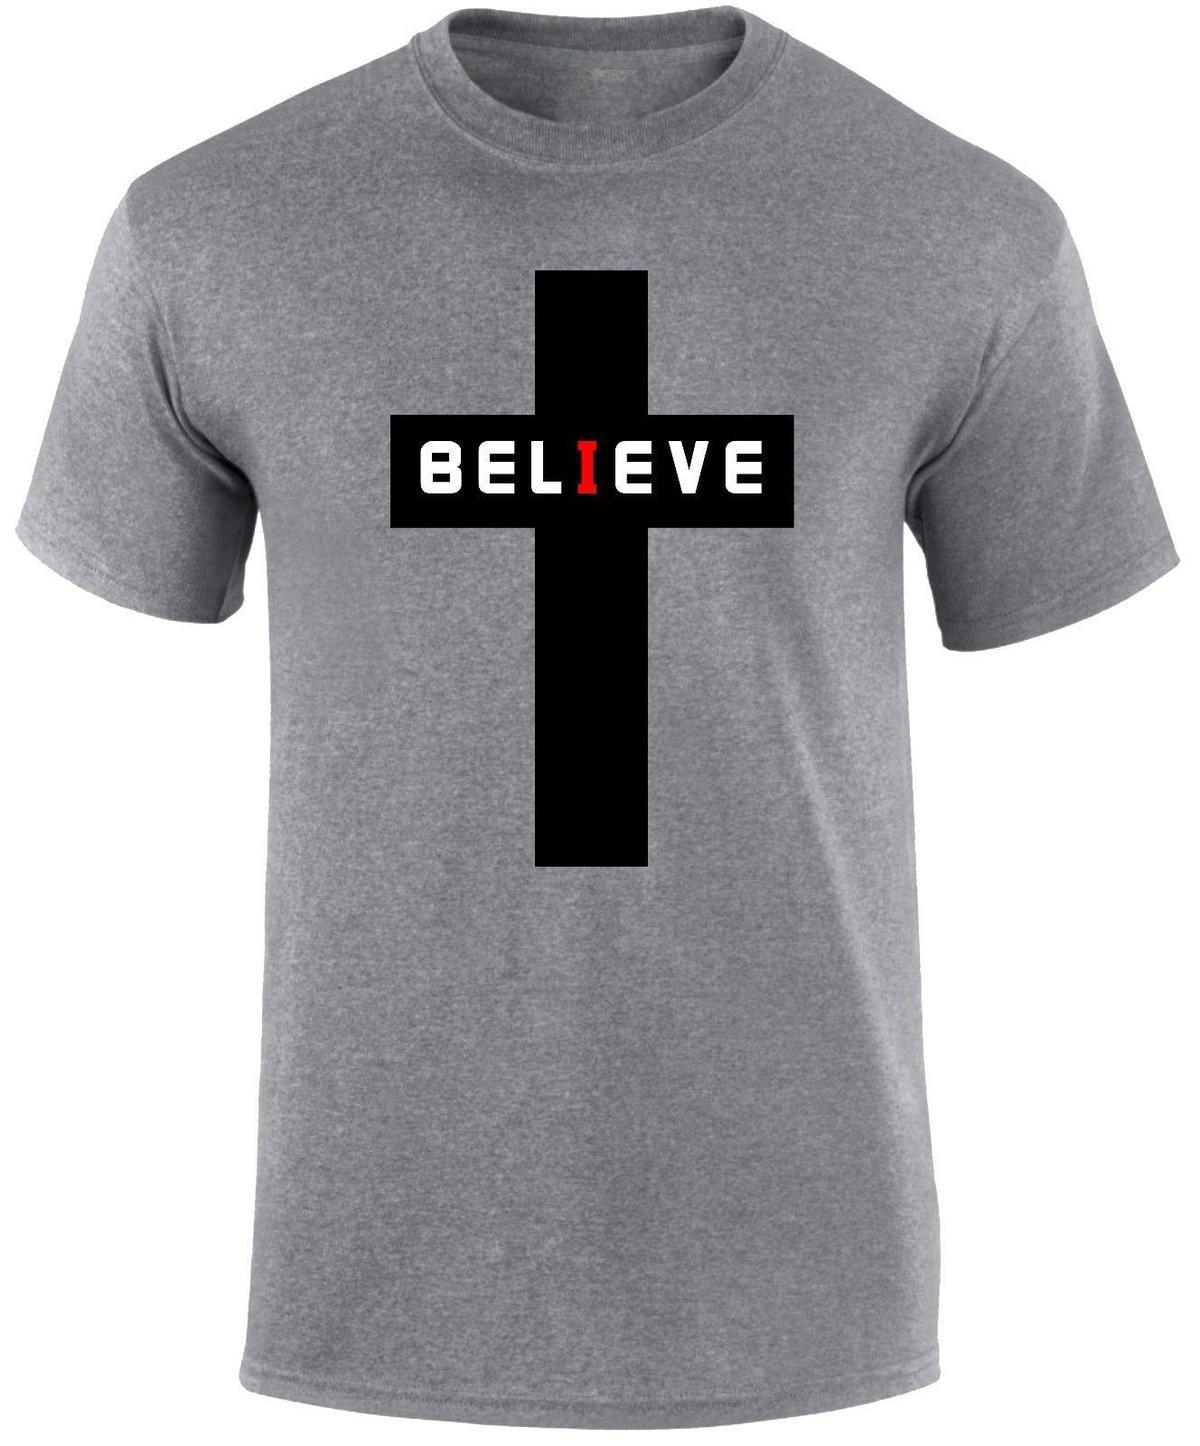 31eda6dbcfafdb Großhandel Gläubiger Christian Religiös Jesus Christus Glaube Wieder  Geboren Taufe Männer T Shirt Von Amesion93